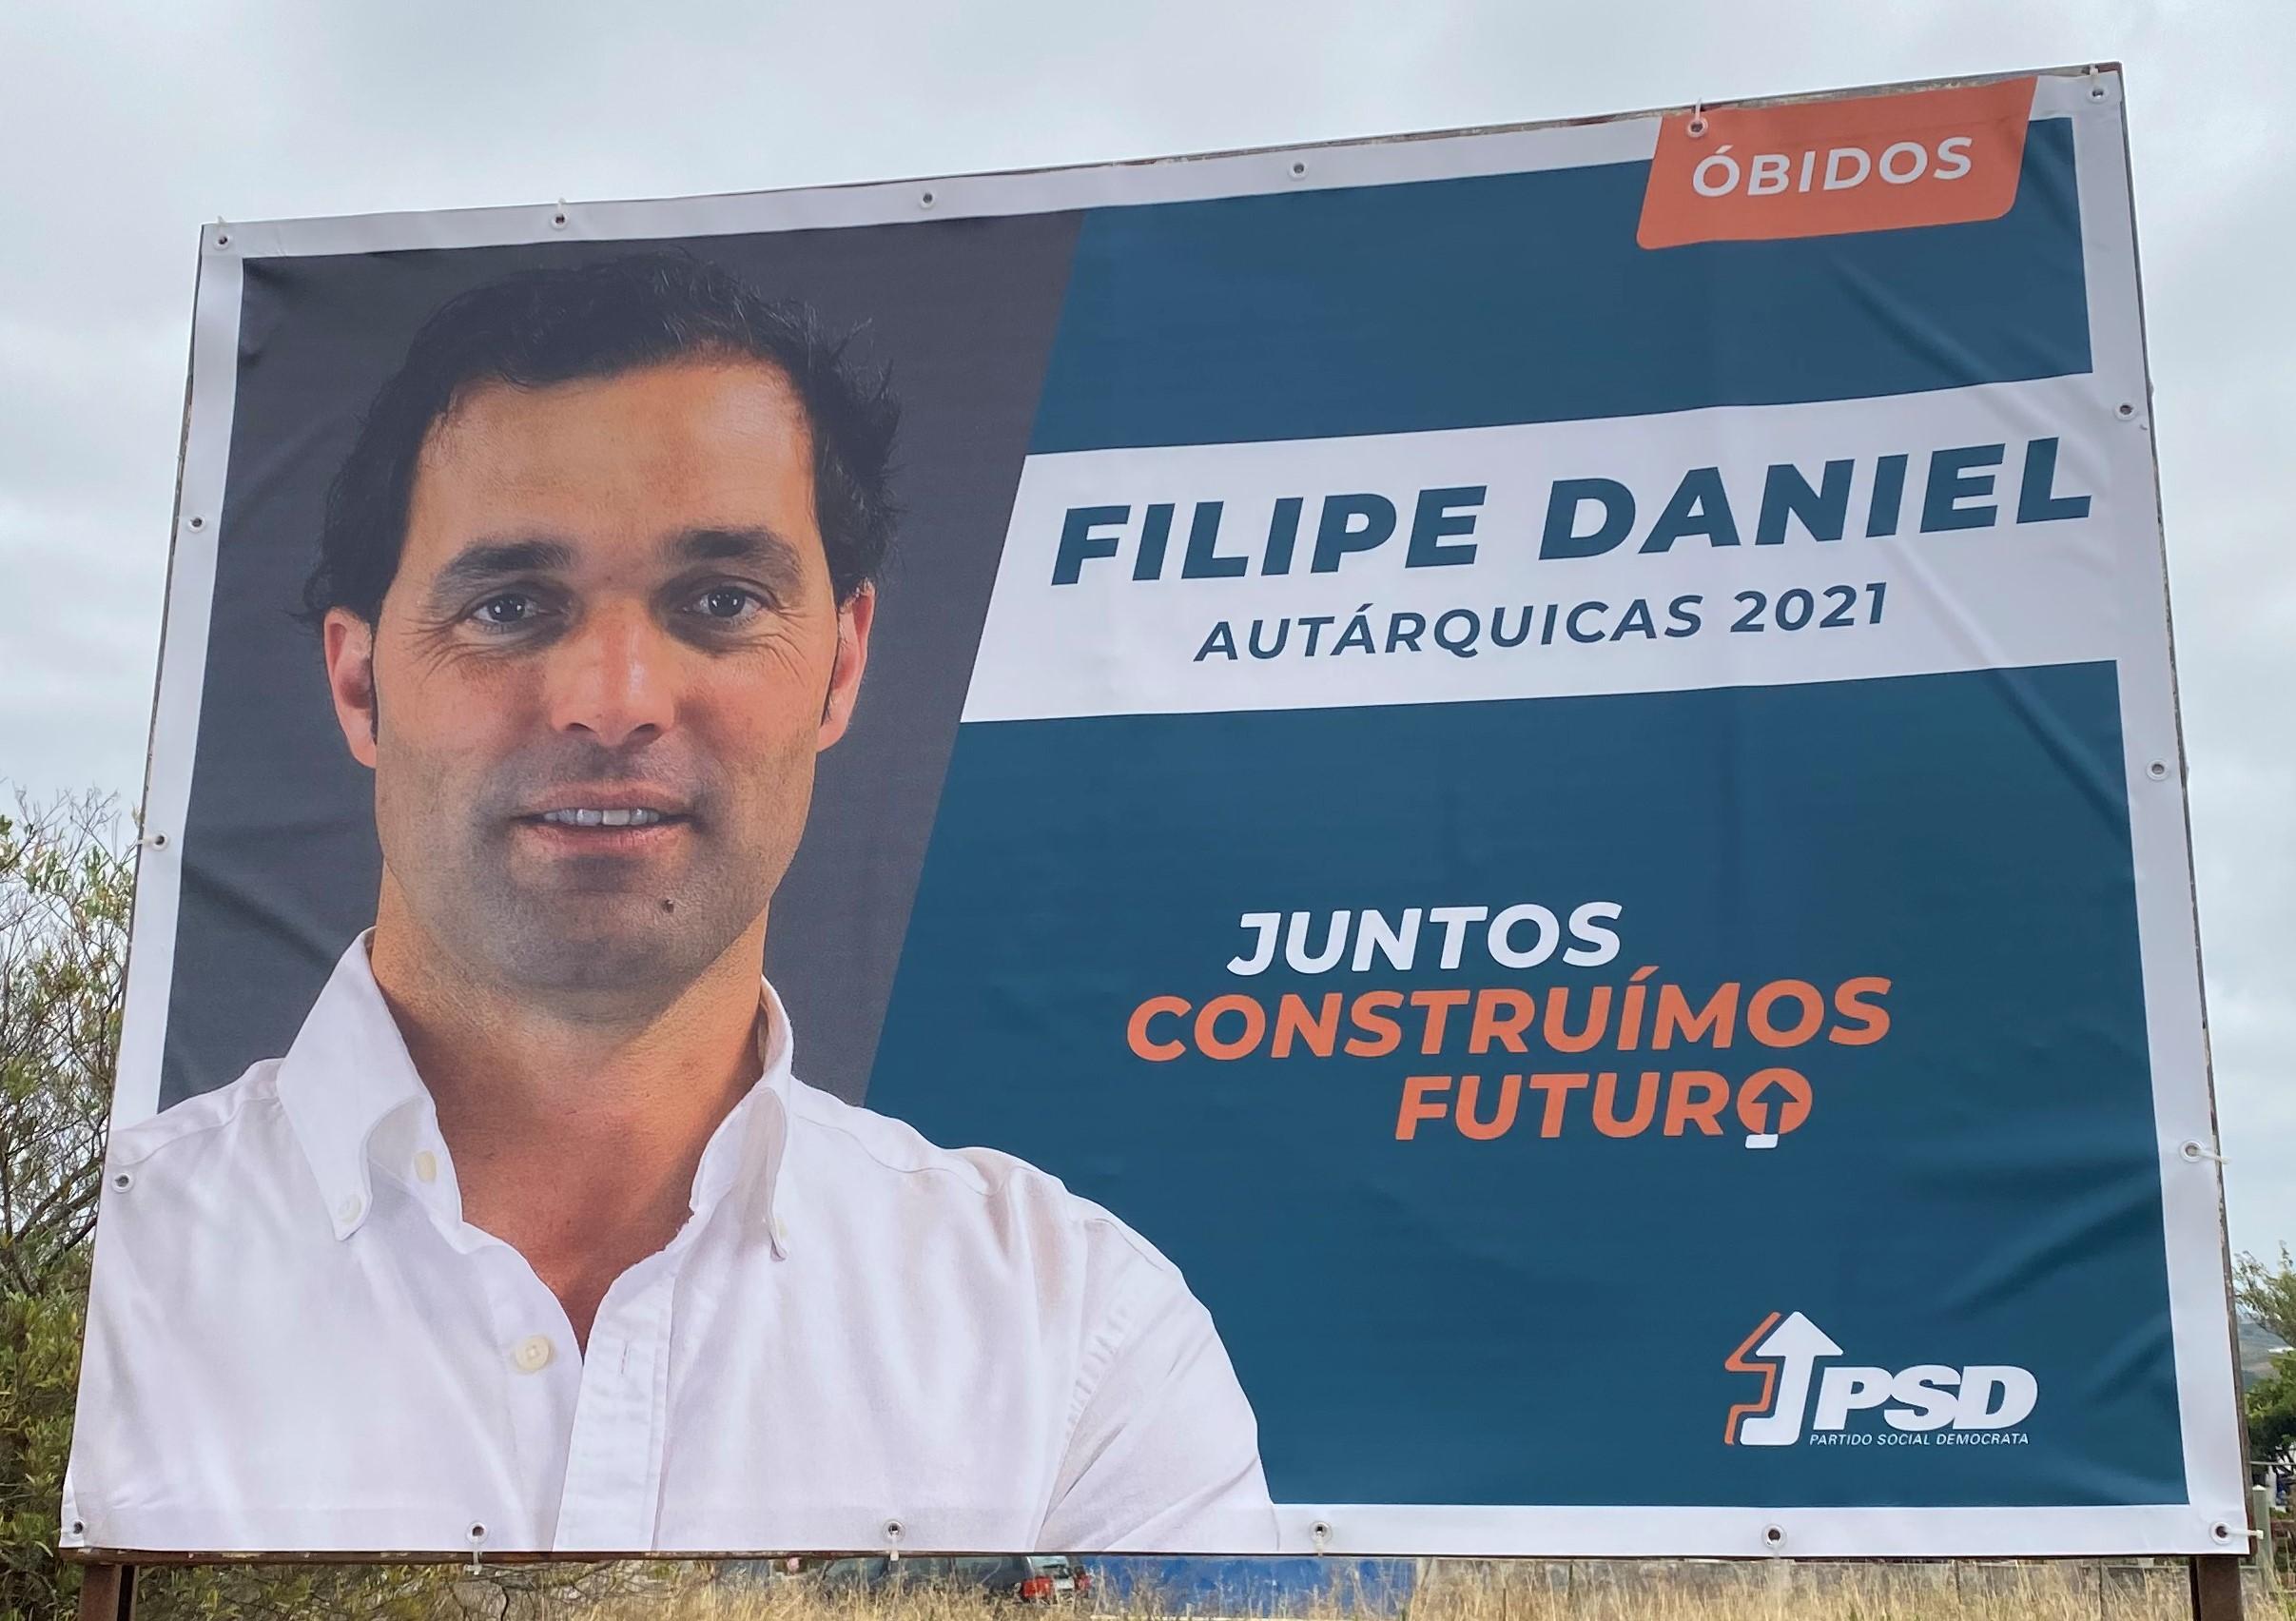 PSD_2021_Obidos_2